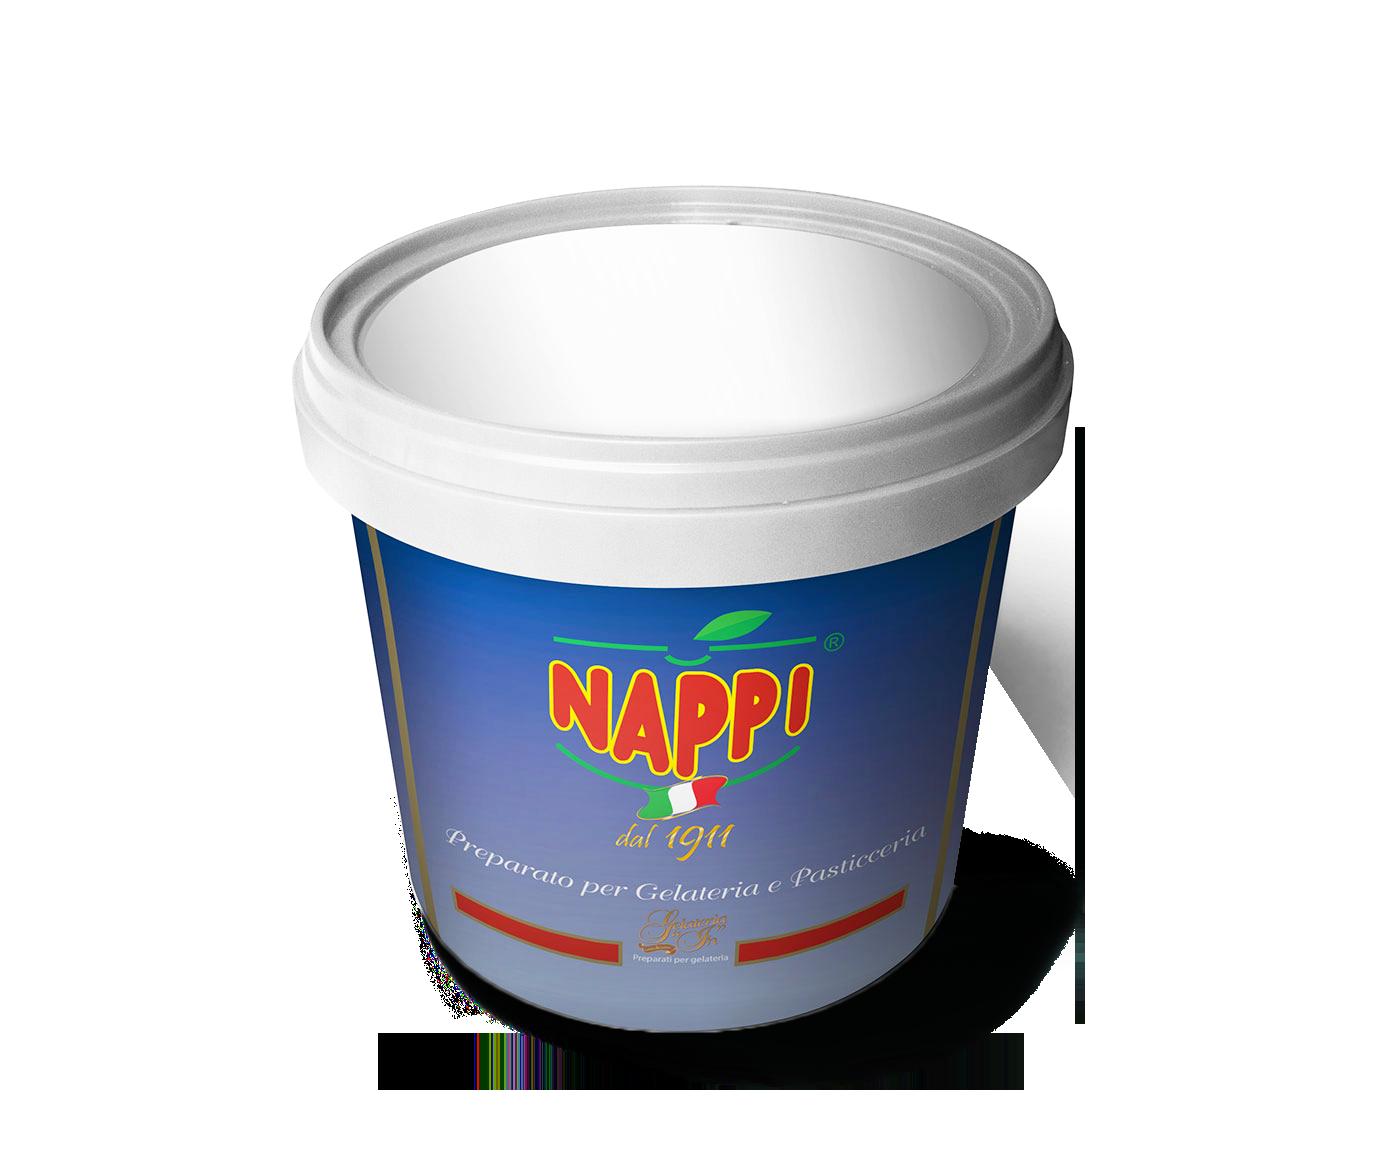 Nappi Cocco (Coconut)